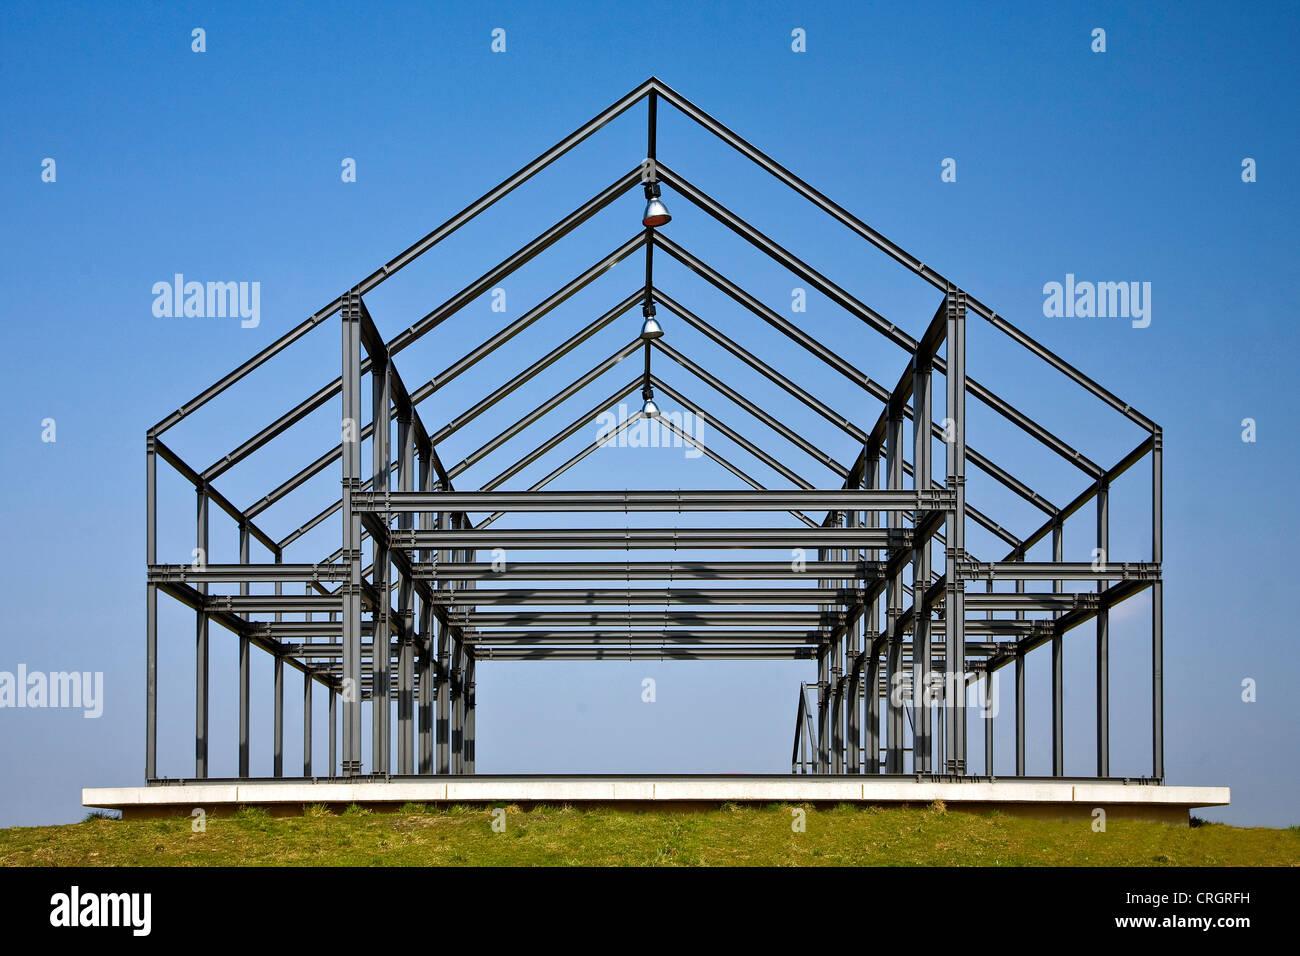 norddeutschland stockfotos norddeutschland bilder alamy. Black Bedroom Furniture Sets. Home Design Ideas